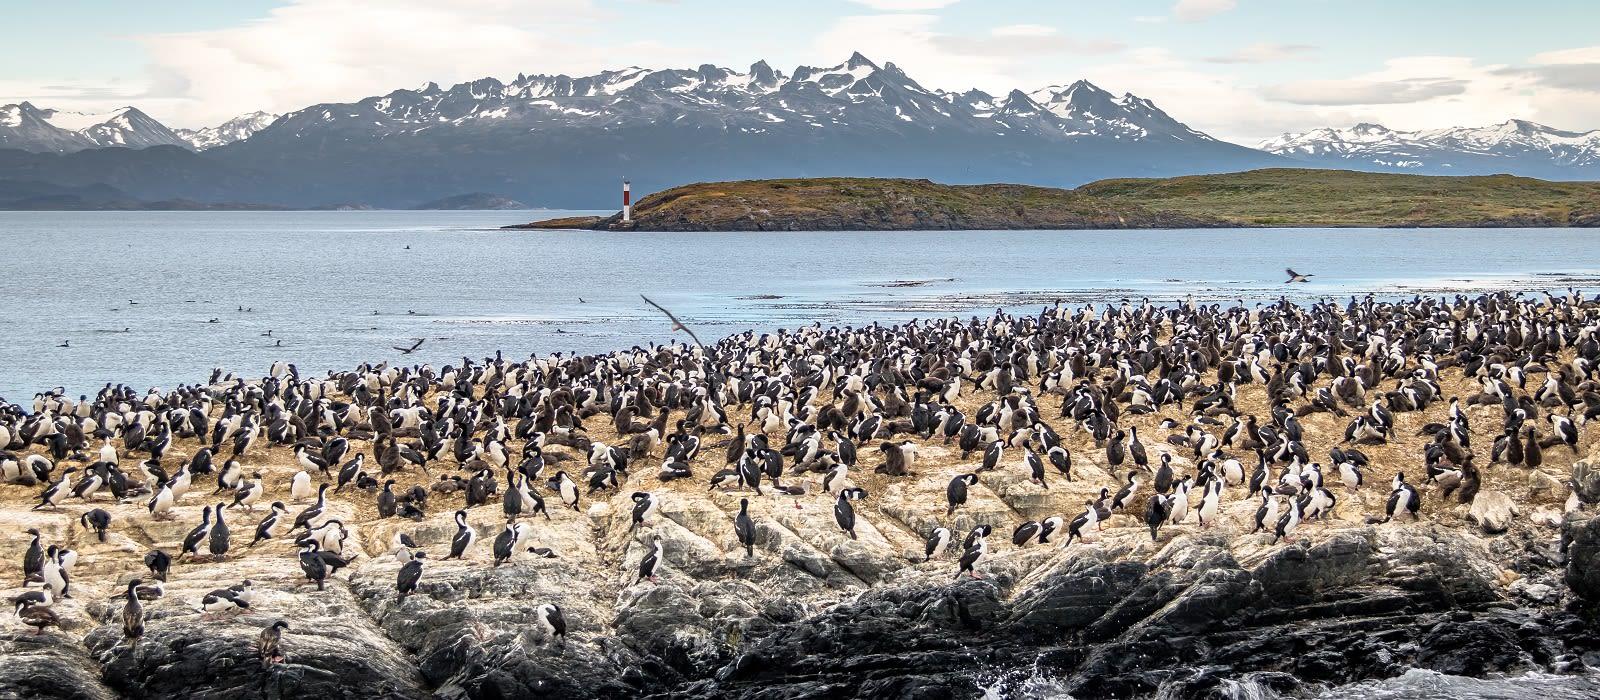 Abenteuer im Südlichen Ozean: Falkland Inseln und Antarktis Urlaub 1